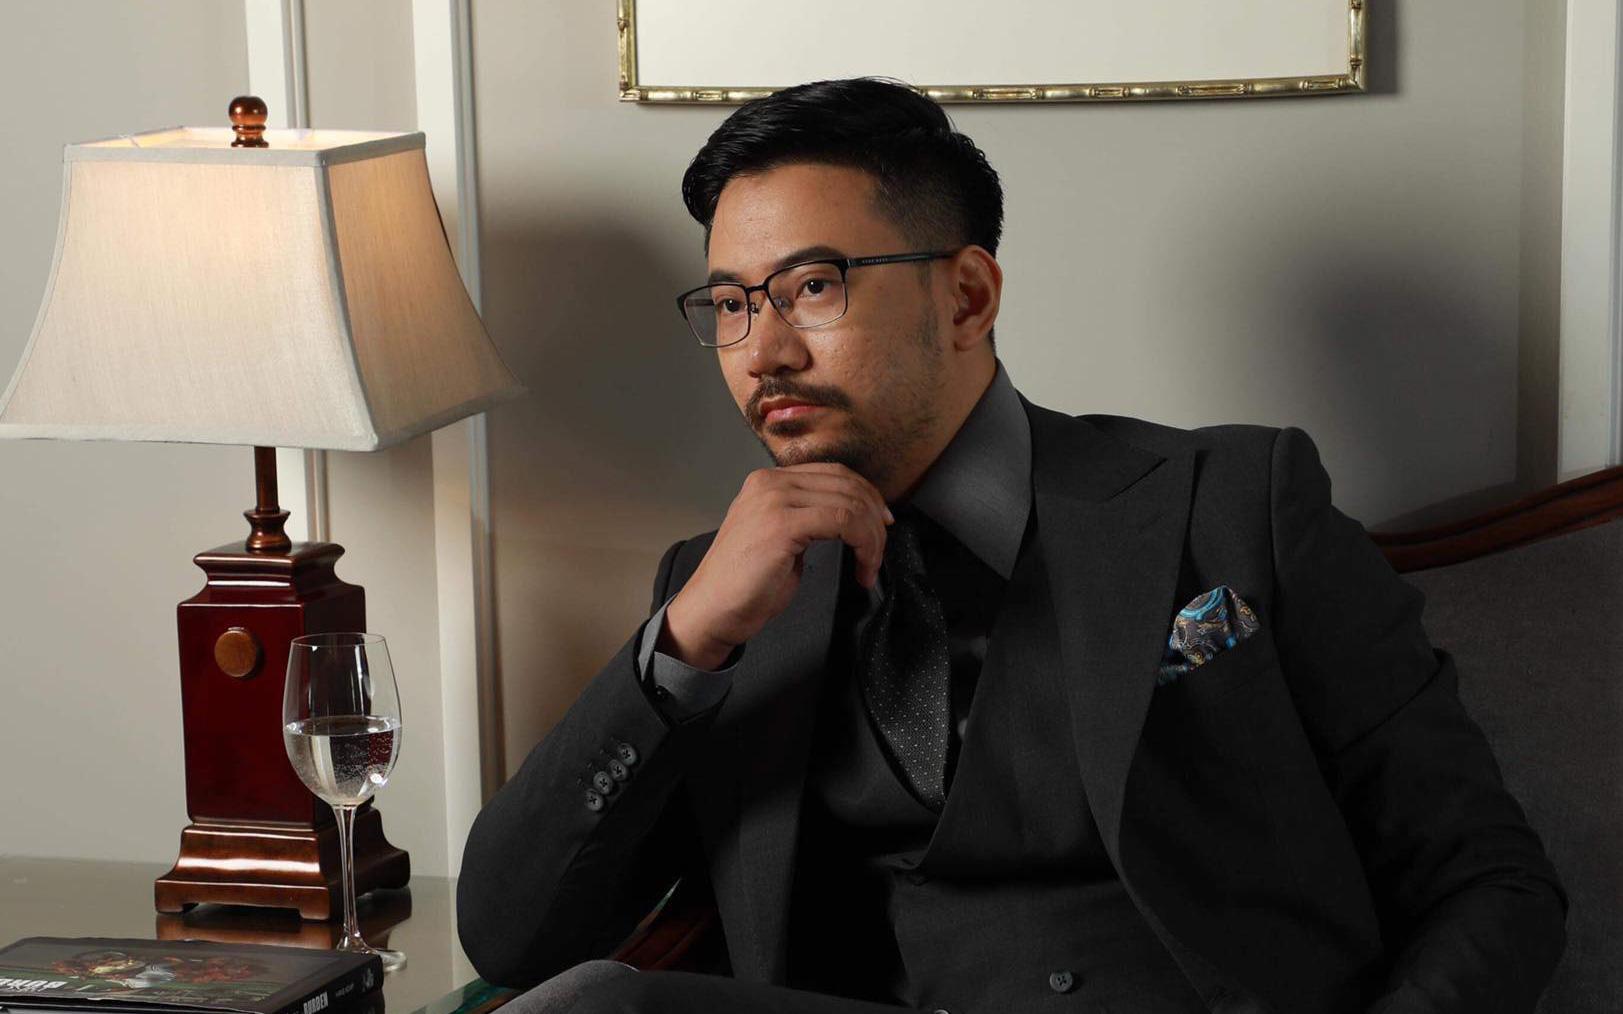 Từ bỏ công việc ngân hàng lương cao, chàng trai Đà Nẵng vay tiền khởi nghiệp và trở thành ông chủ chuỗi cửa hàng may đo cao cấp